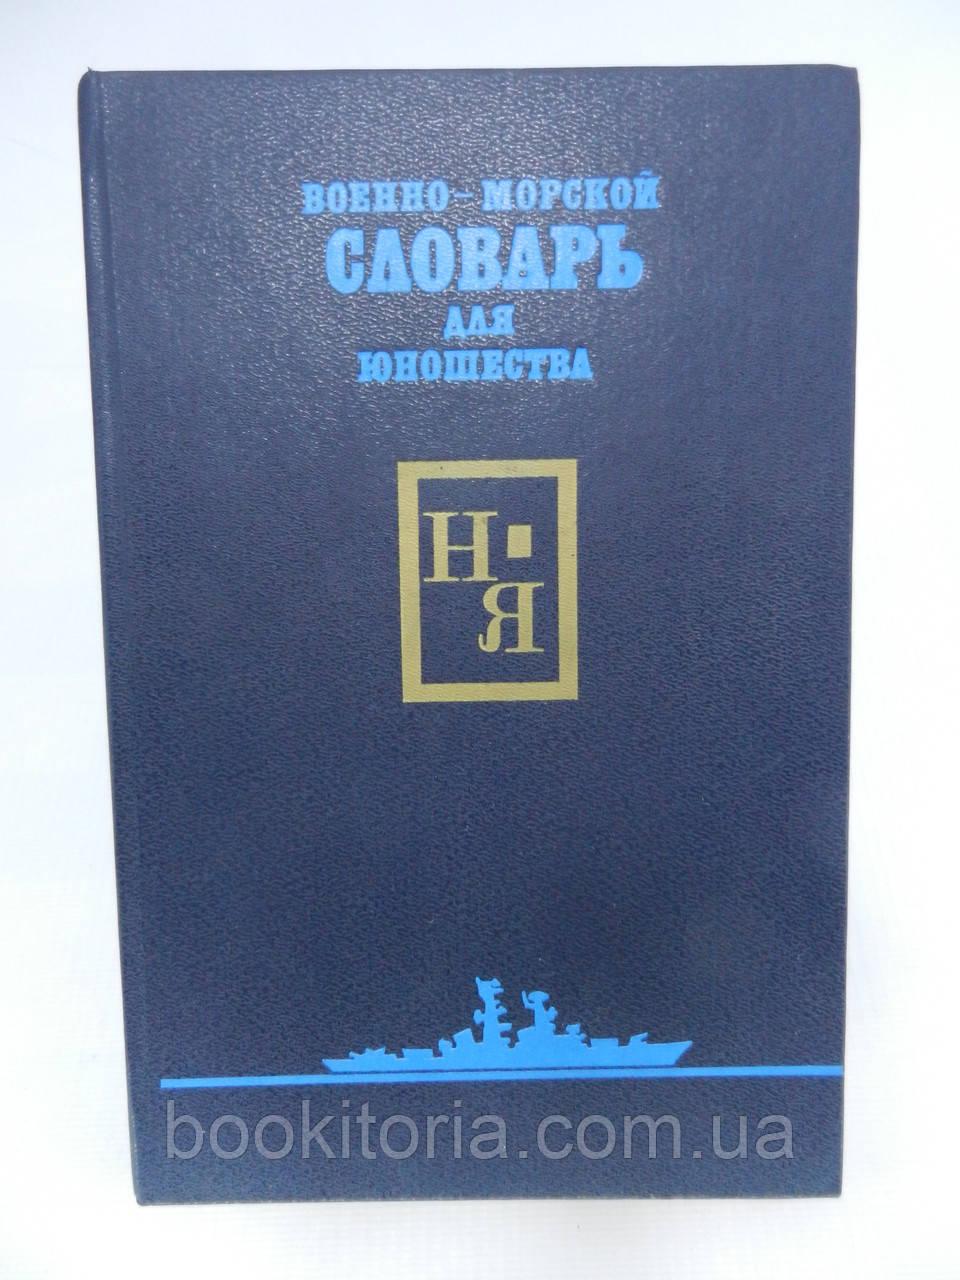 Военно-морской словарь для юношества. В двух томах. Том 2 (б/у).